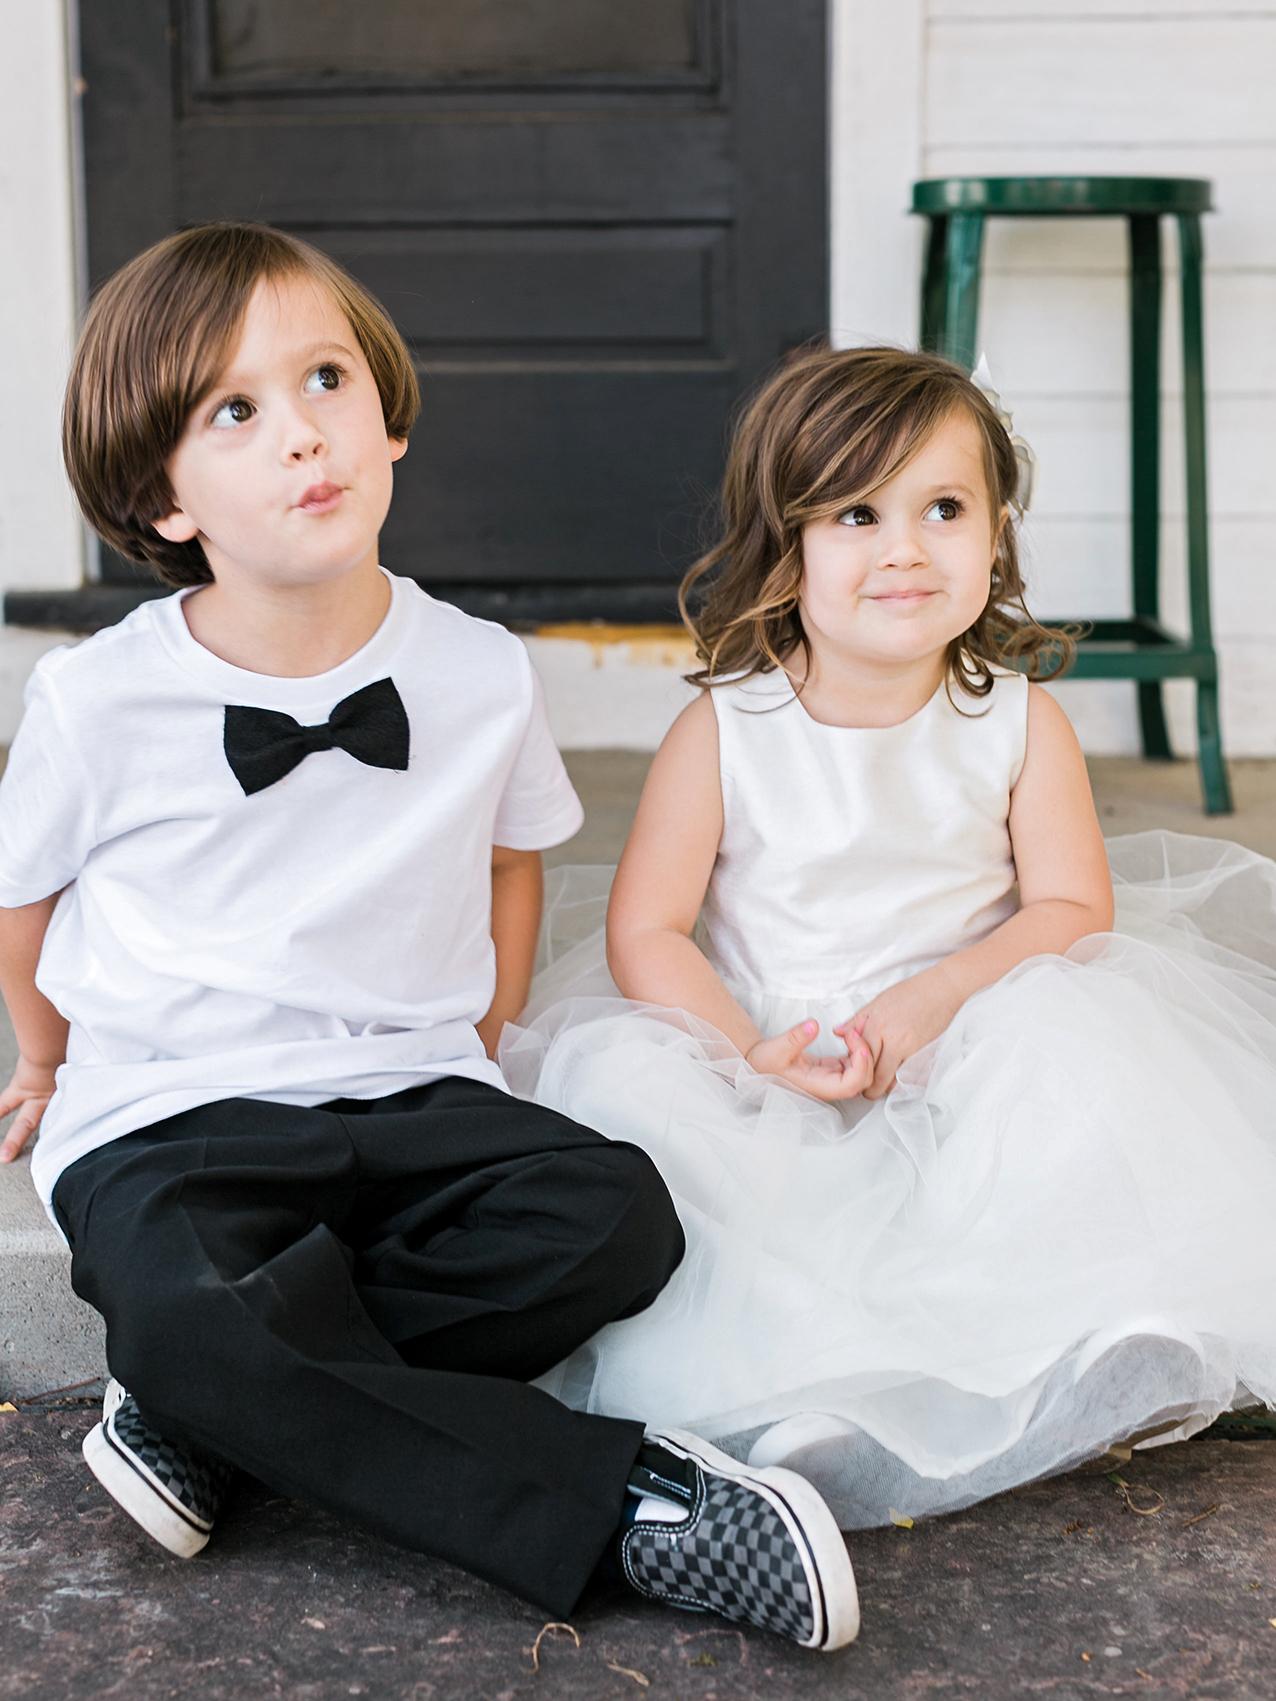 jamie jon wedding little boy and girl